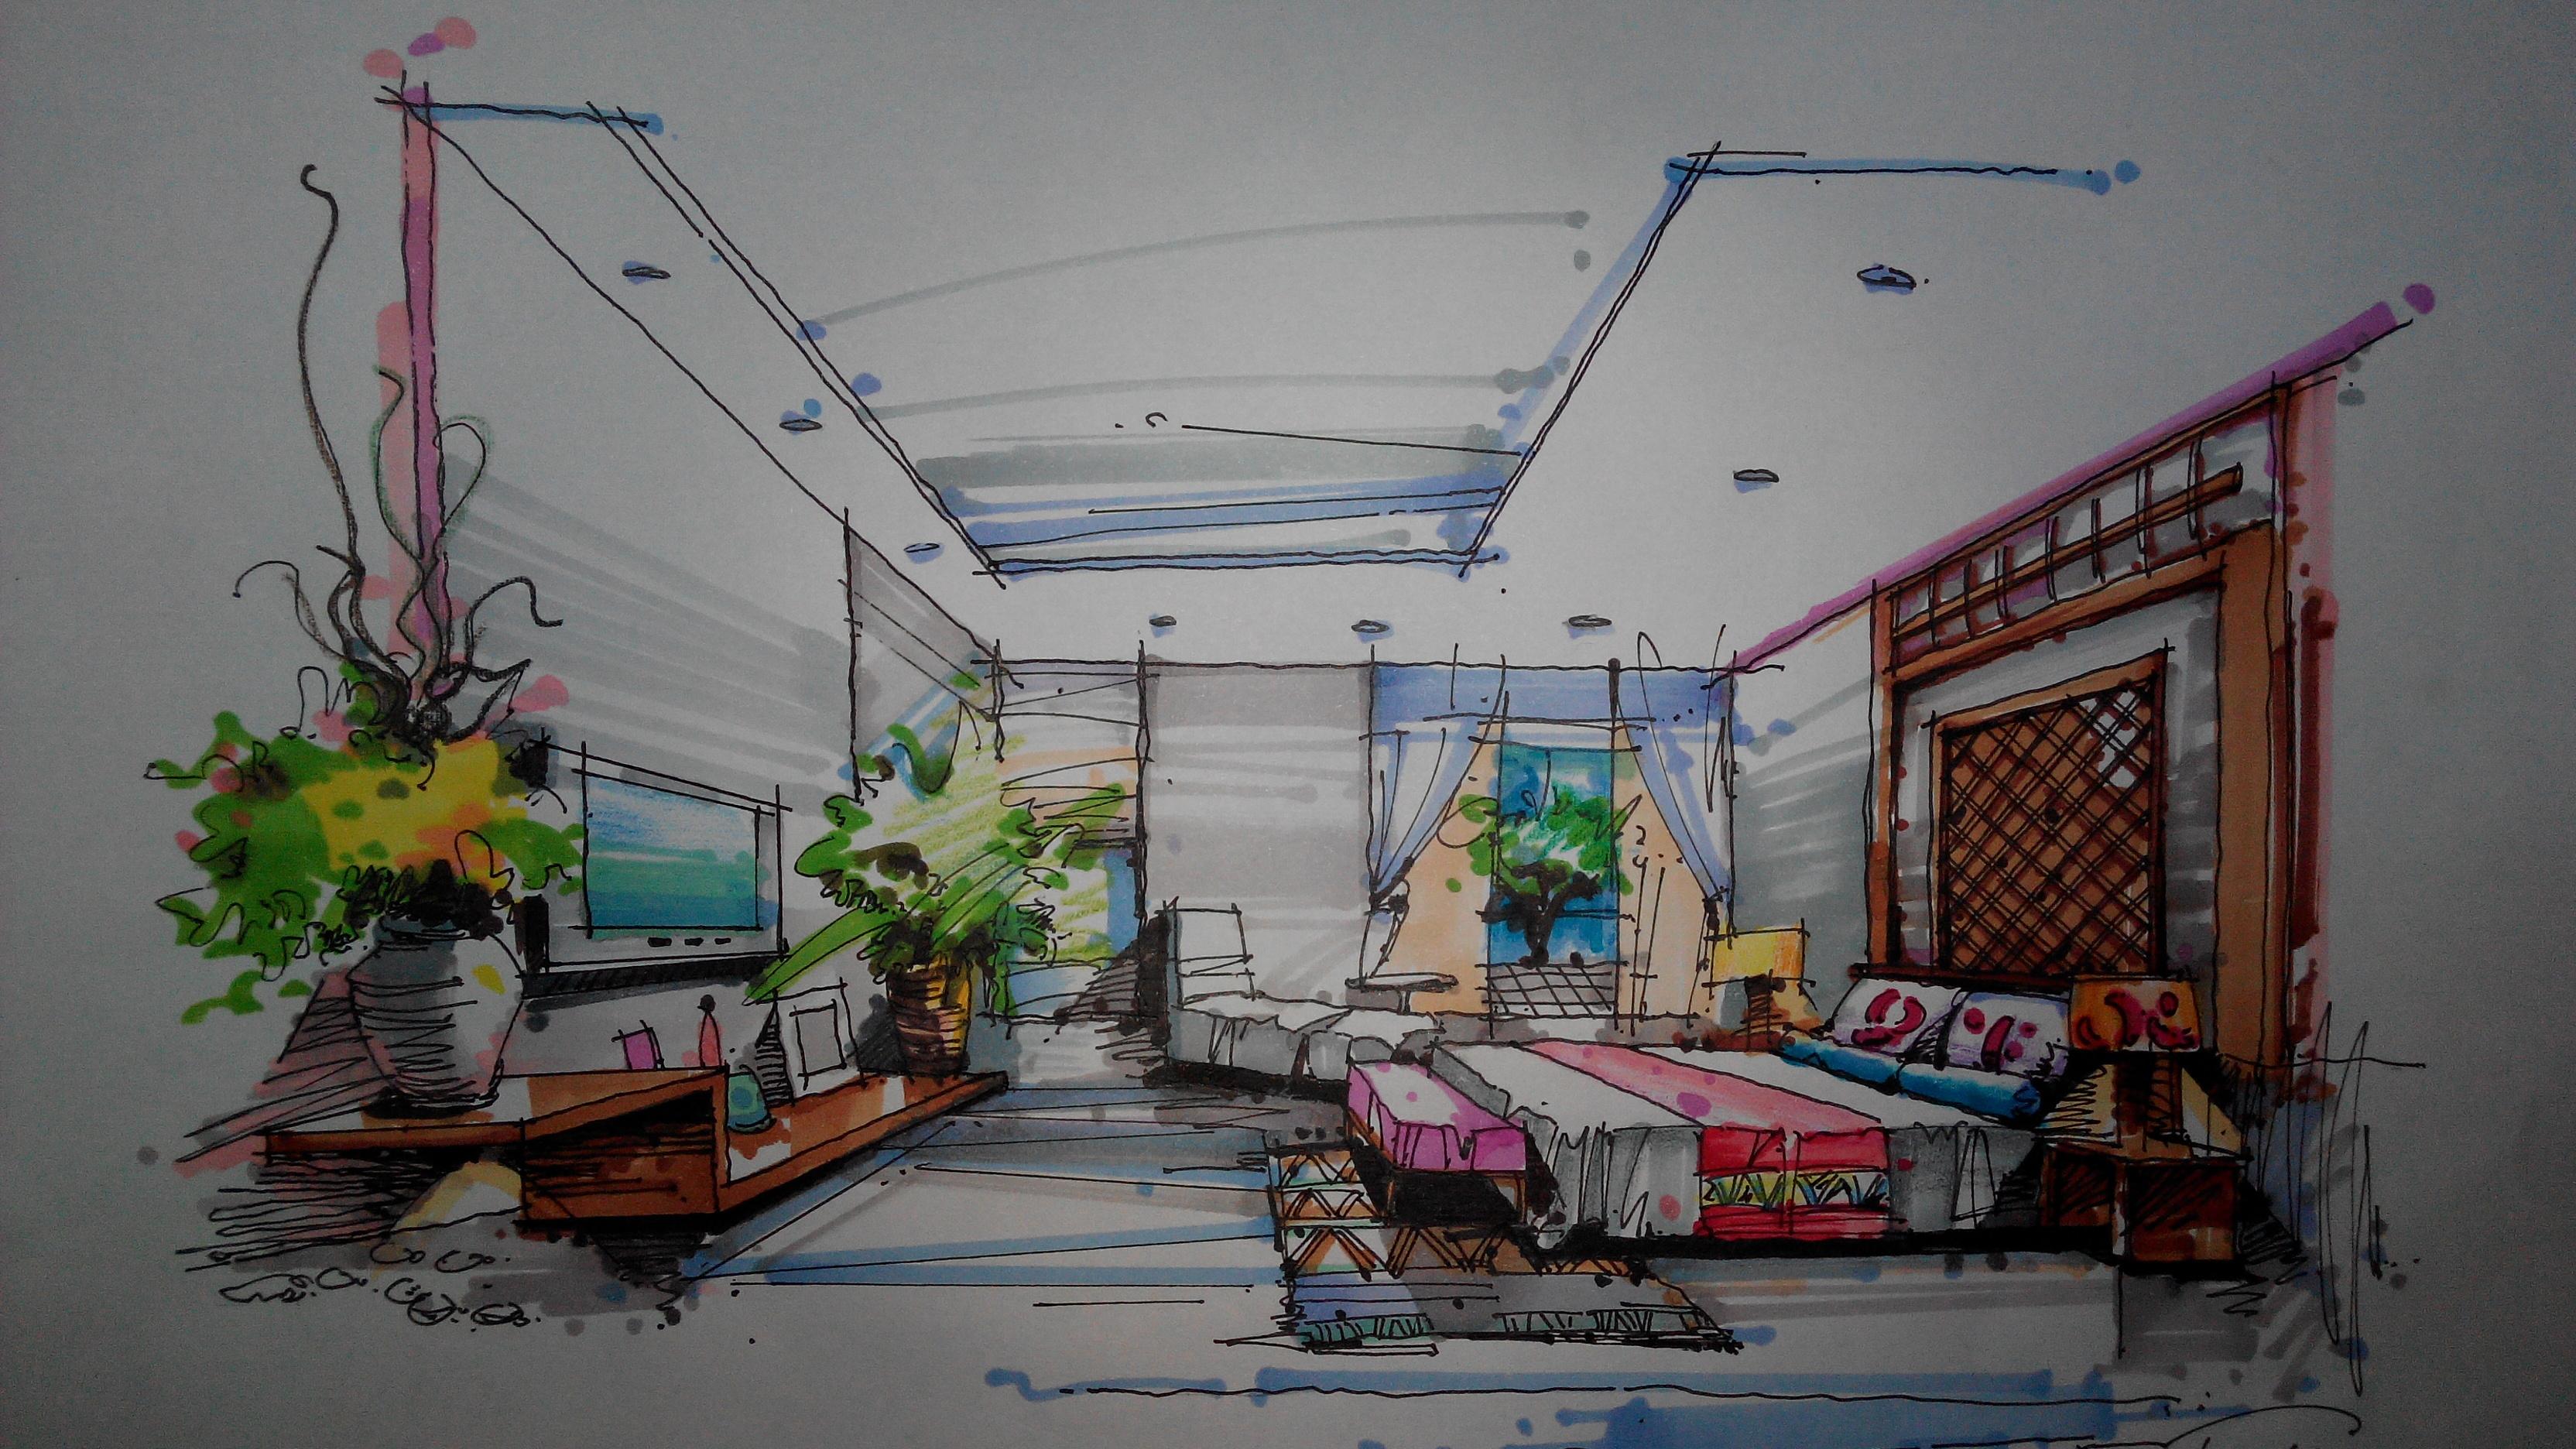 手绘效果图|空间|室内设计|johnny隽 - 原创作品